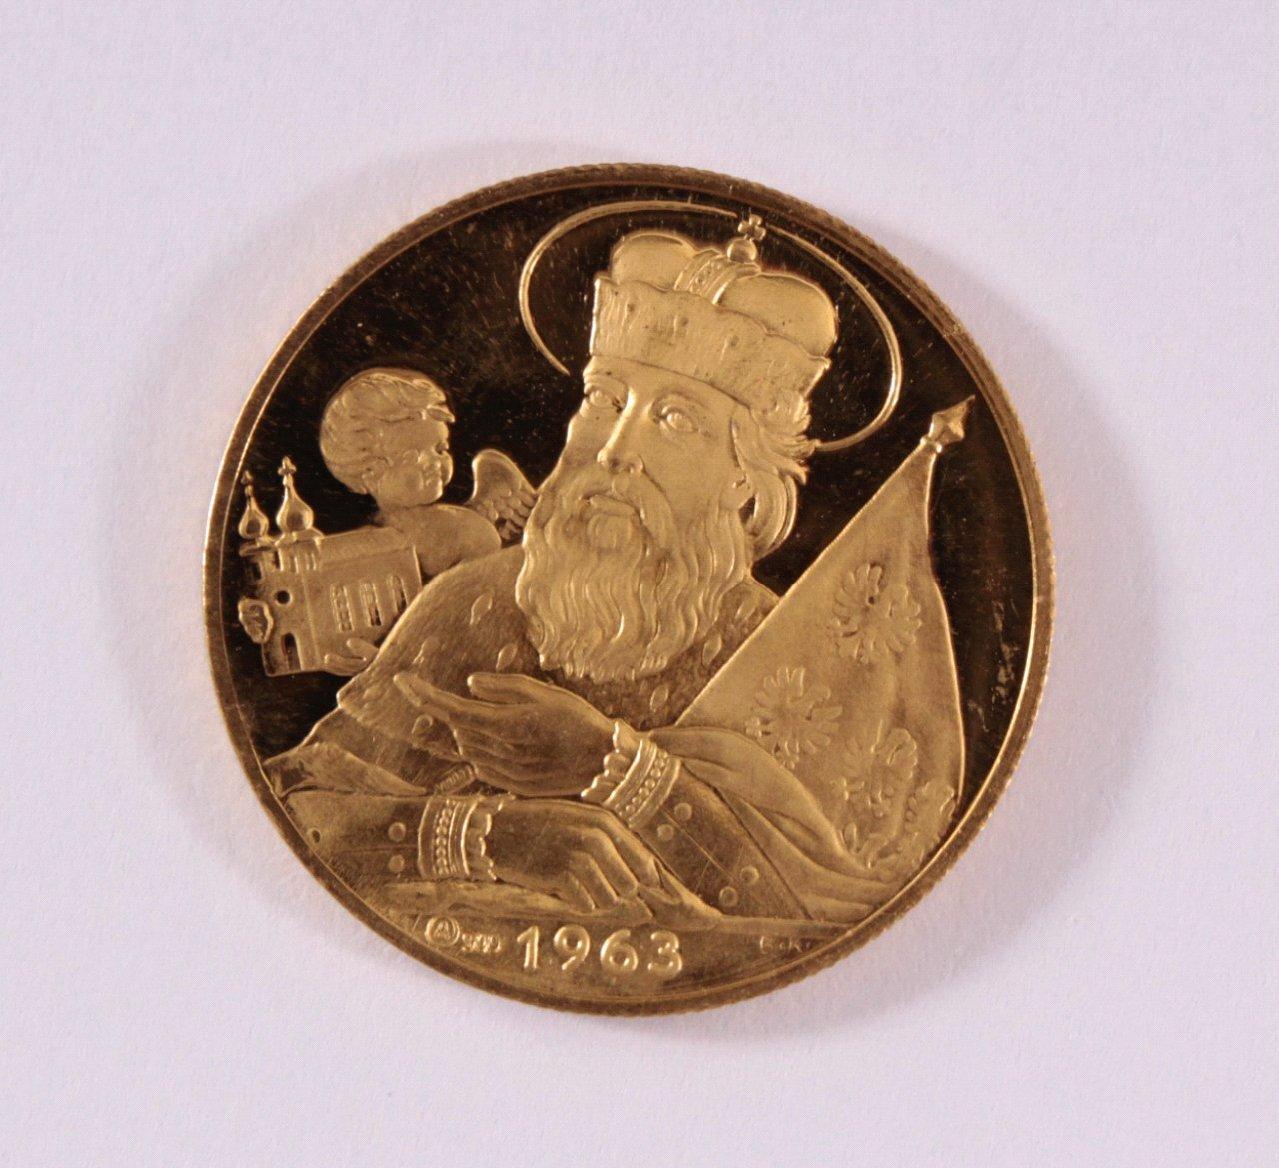 Goldmedaille 900/000 GG. Leopoldus von 1963